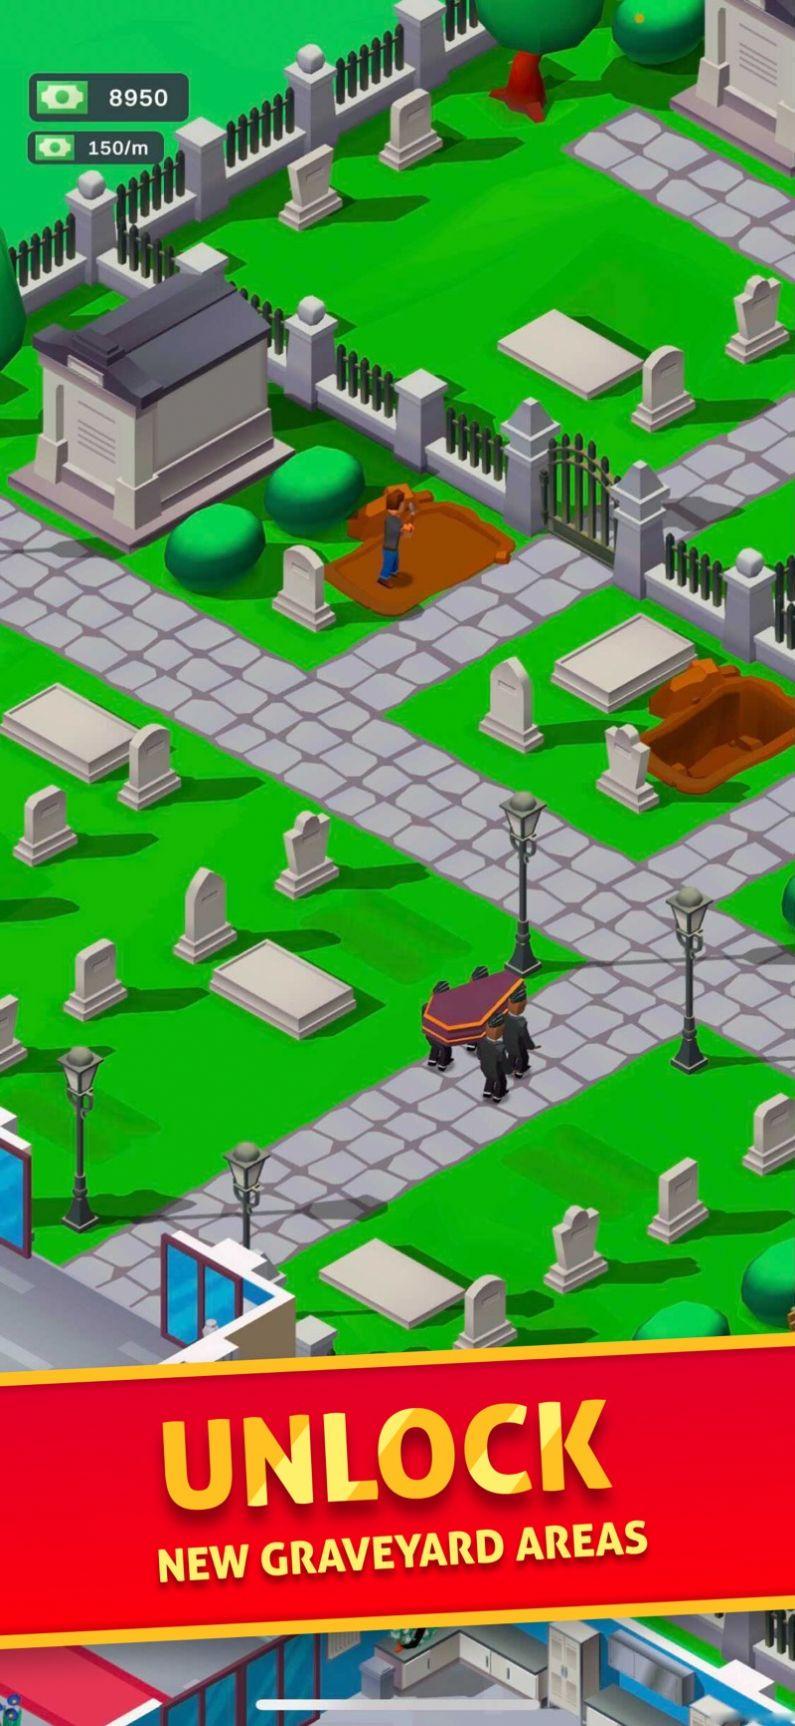 墓地公司游戏安卓版图片1